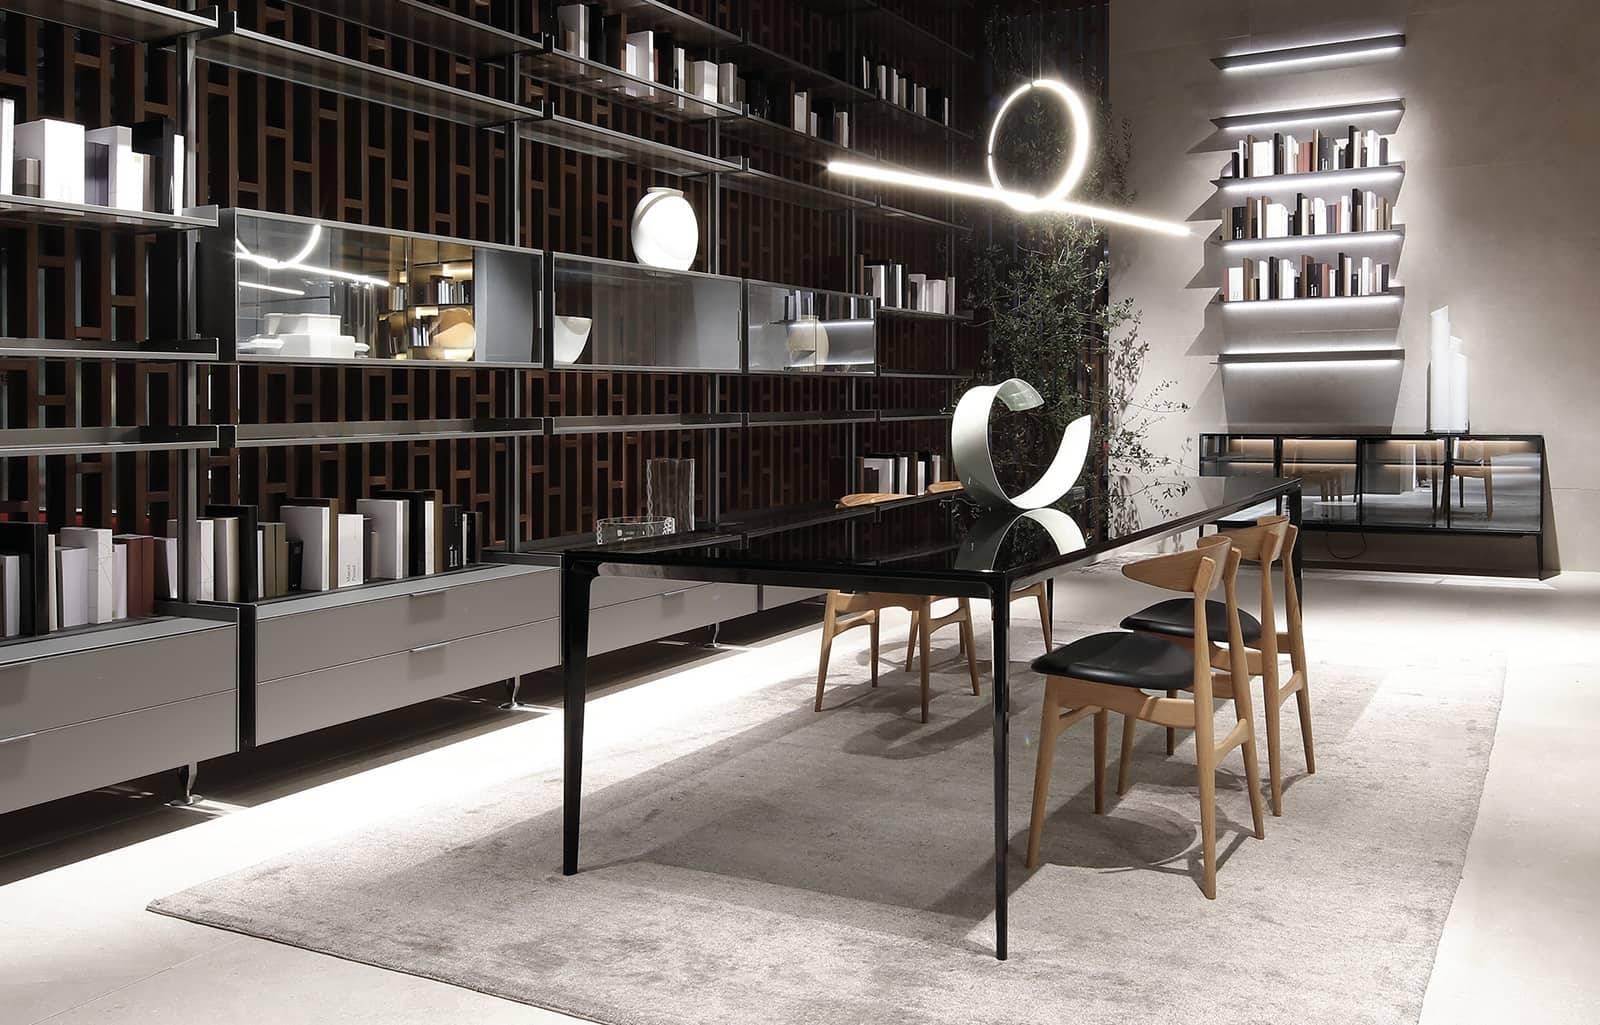 rimadesio long island glazen eettafel met grigio transparant glas en zwart aluminium poten